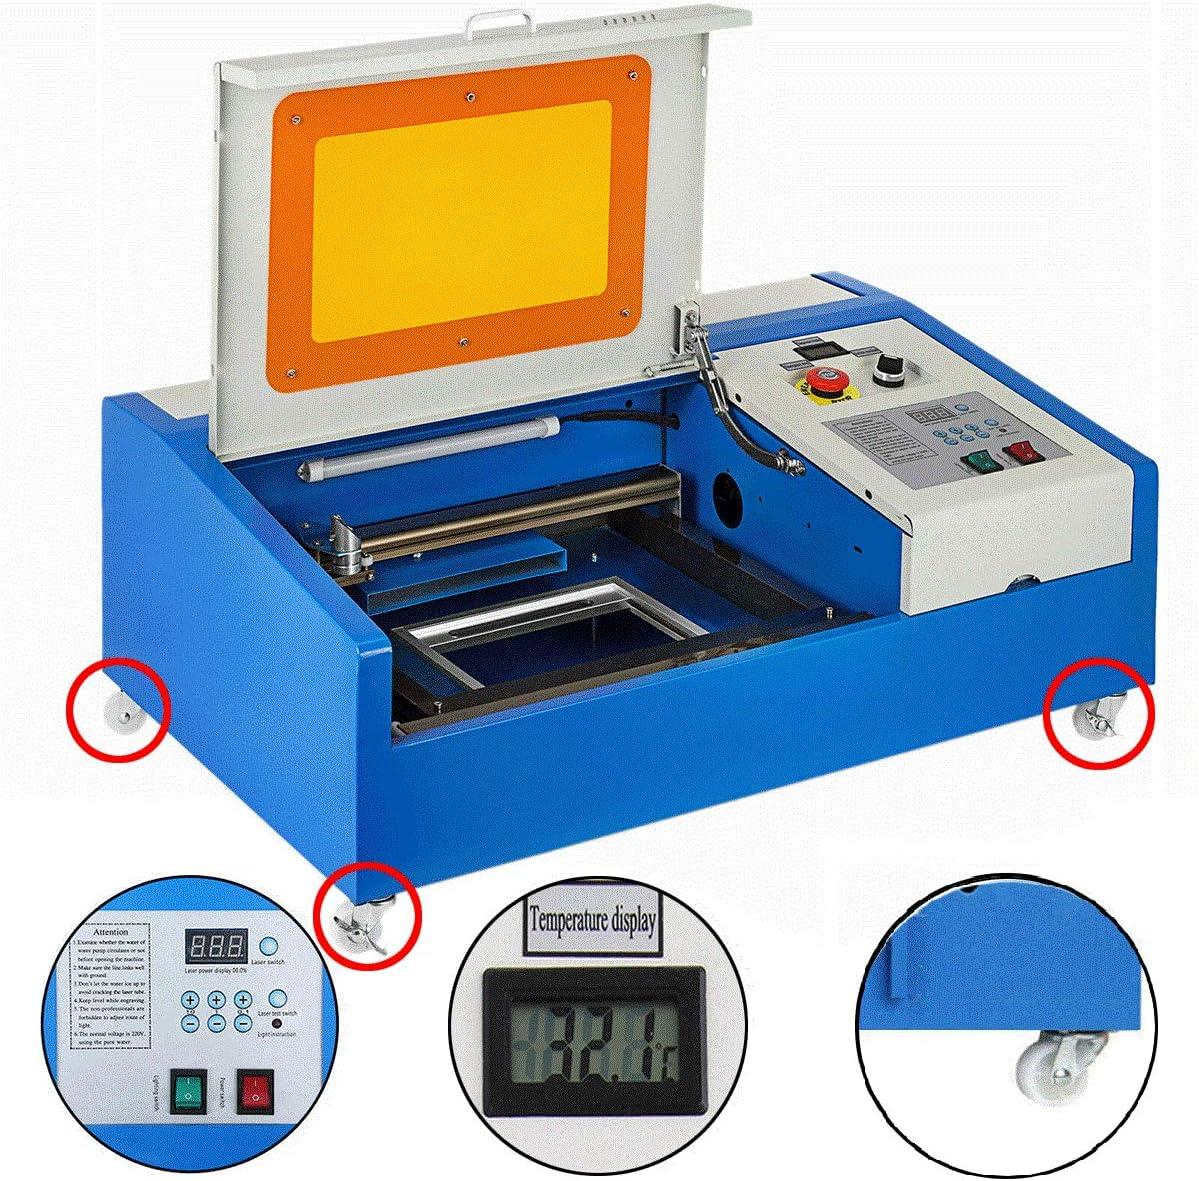 VEVOR Versión Mejorada 40W USB CO2 Máquina de Grabado Láser Herramienta de Corte 300x200mm Rueda Giratoria LCD